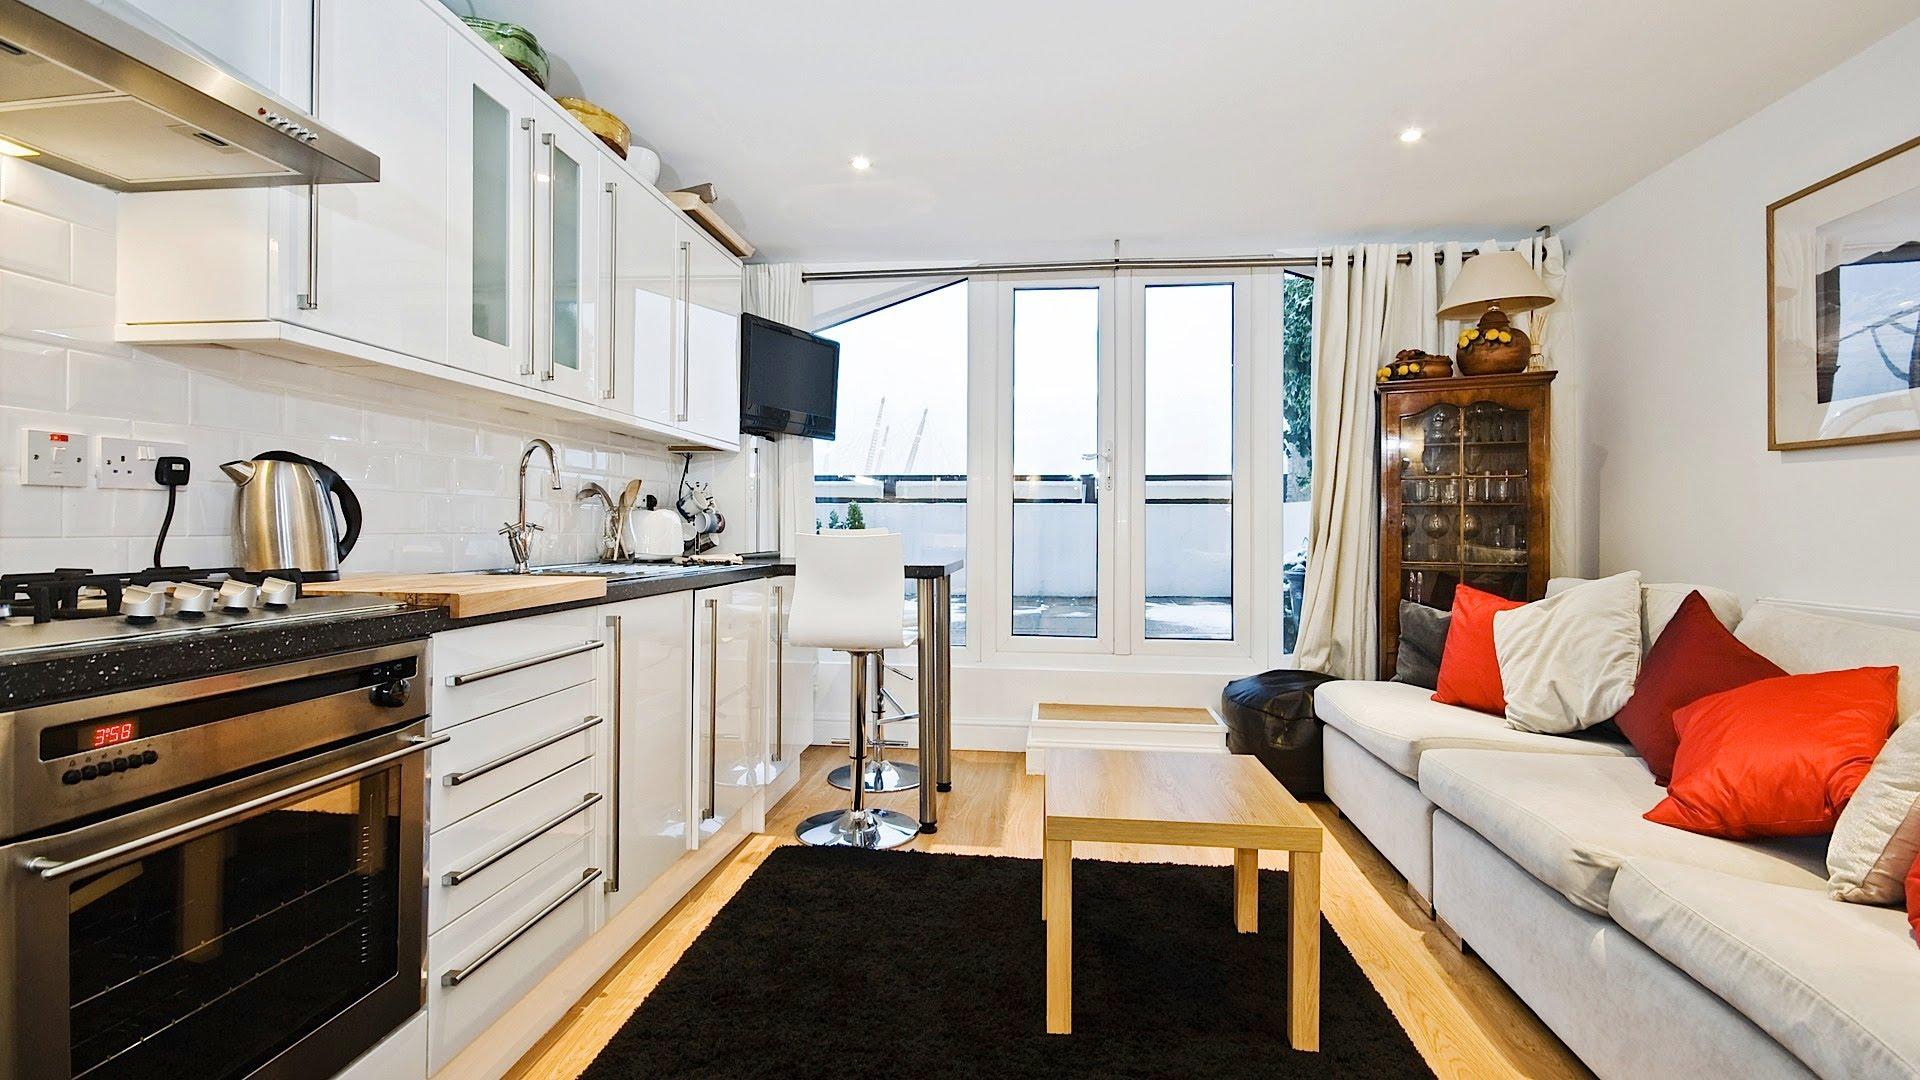 Popular How to Arrange Furniture in Studio Apt. | Interior Design - YouTube furniture for small studio apartment